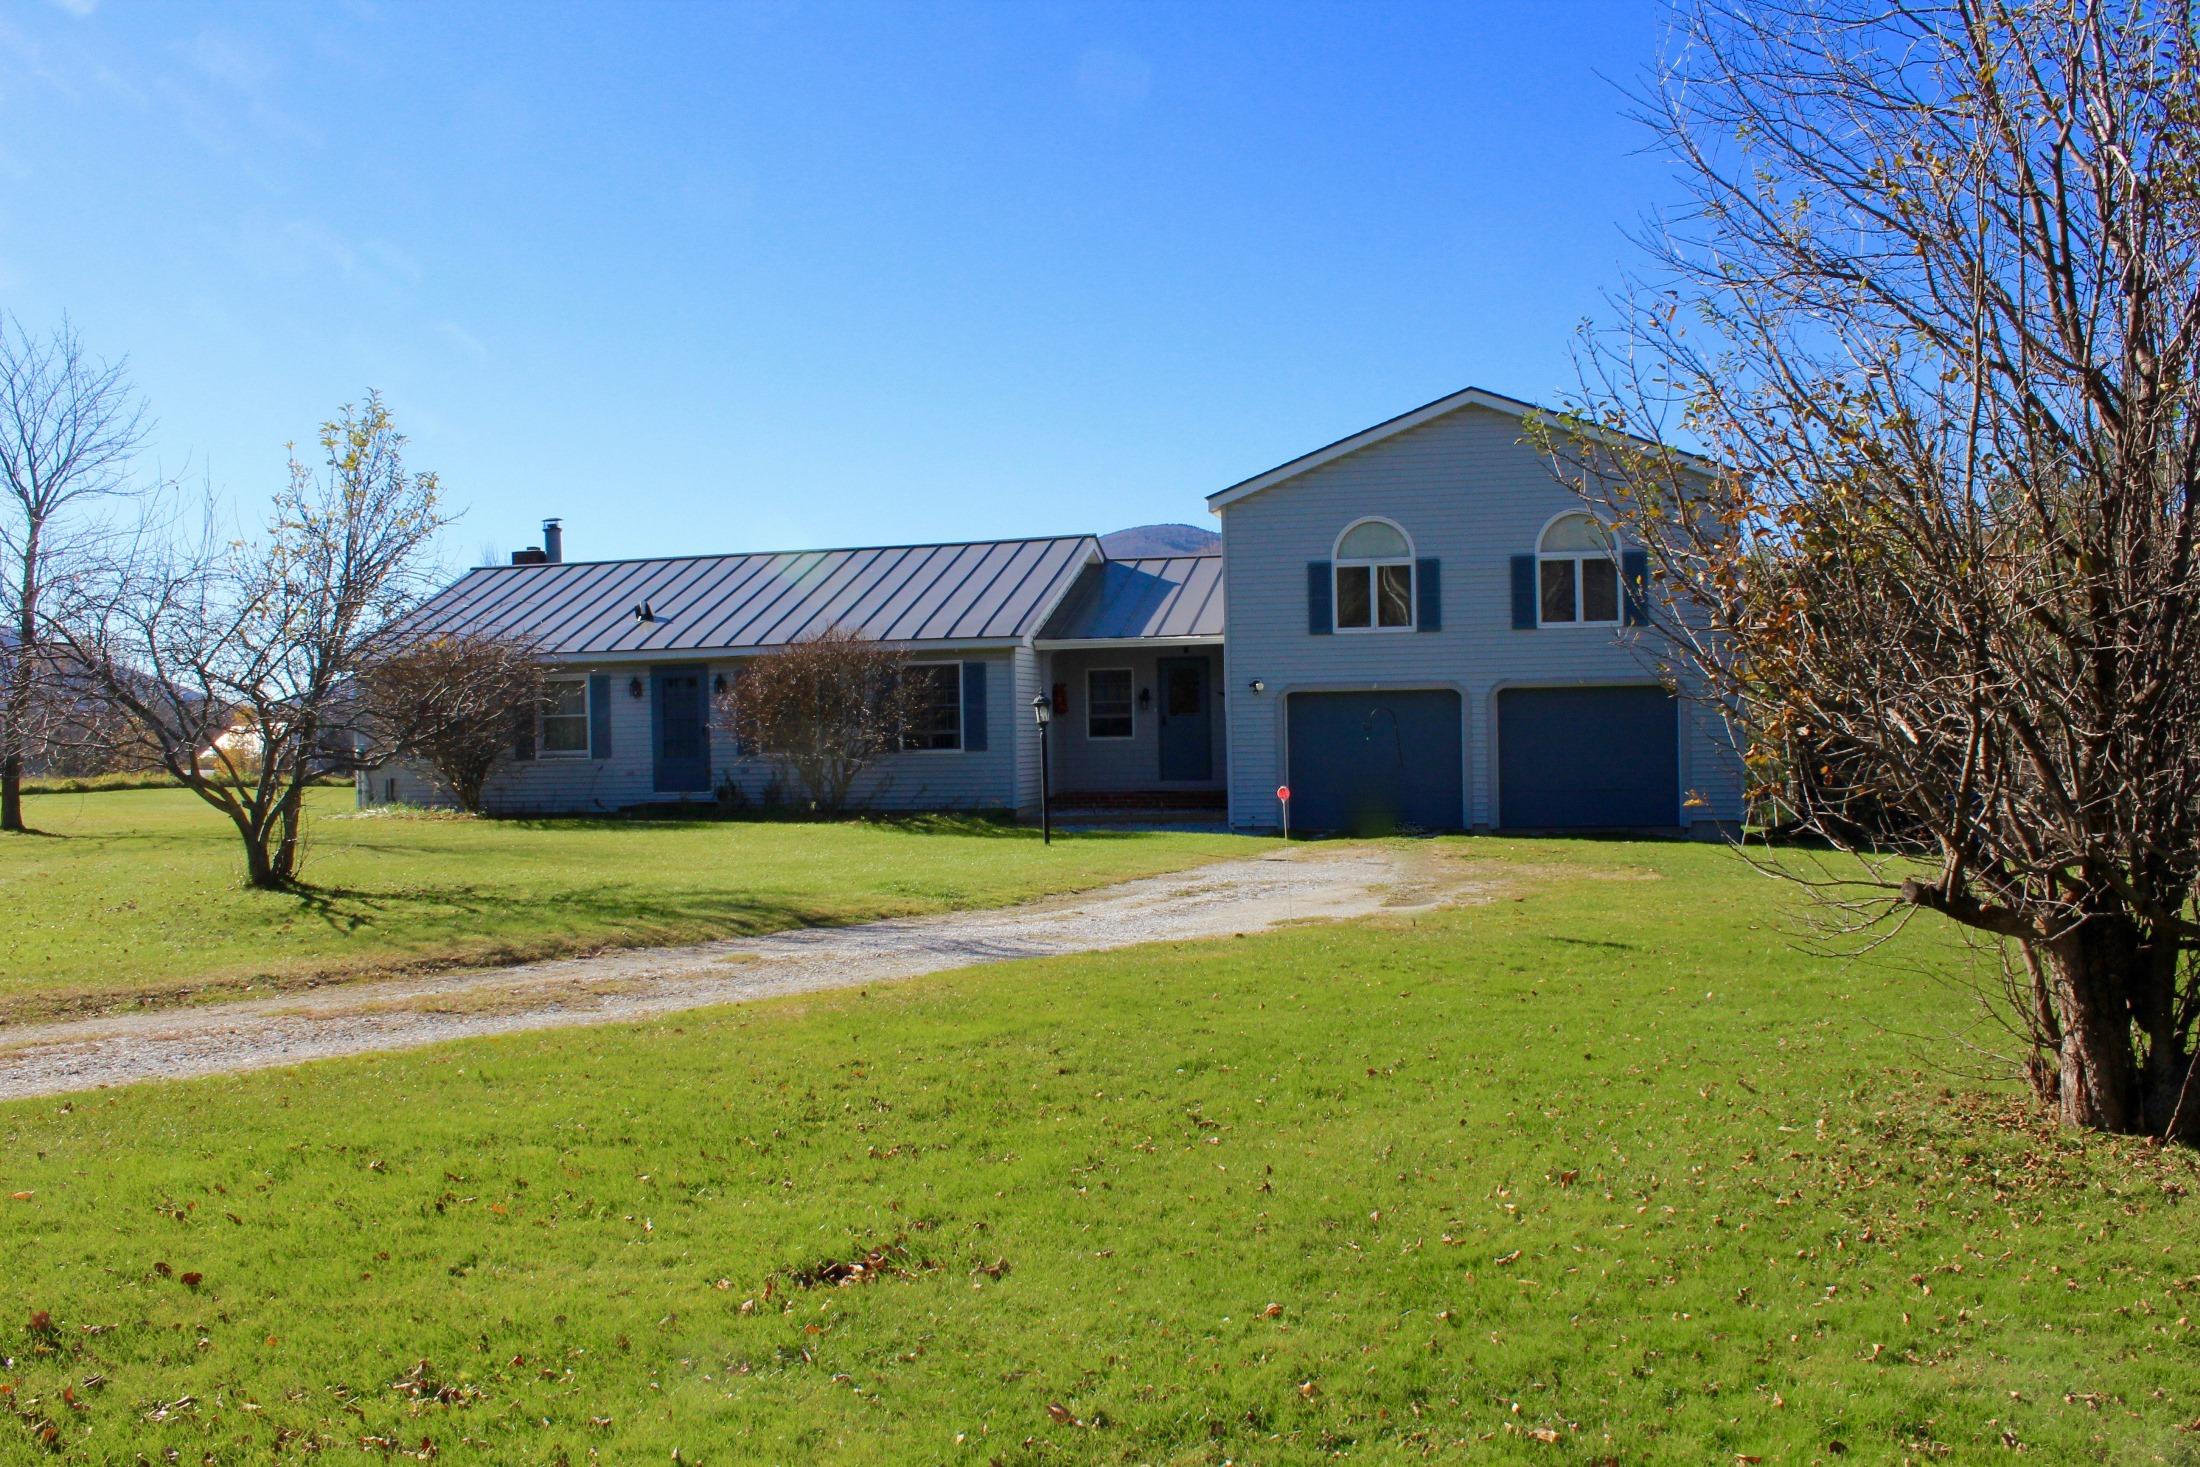 独户住宅 为 销售 在 153 Tinmouth, Danby 丹比, 佛蒙特州 05739 美国